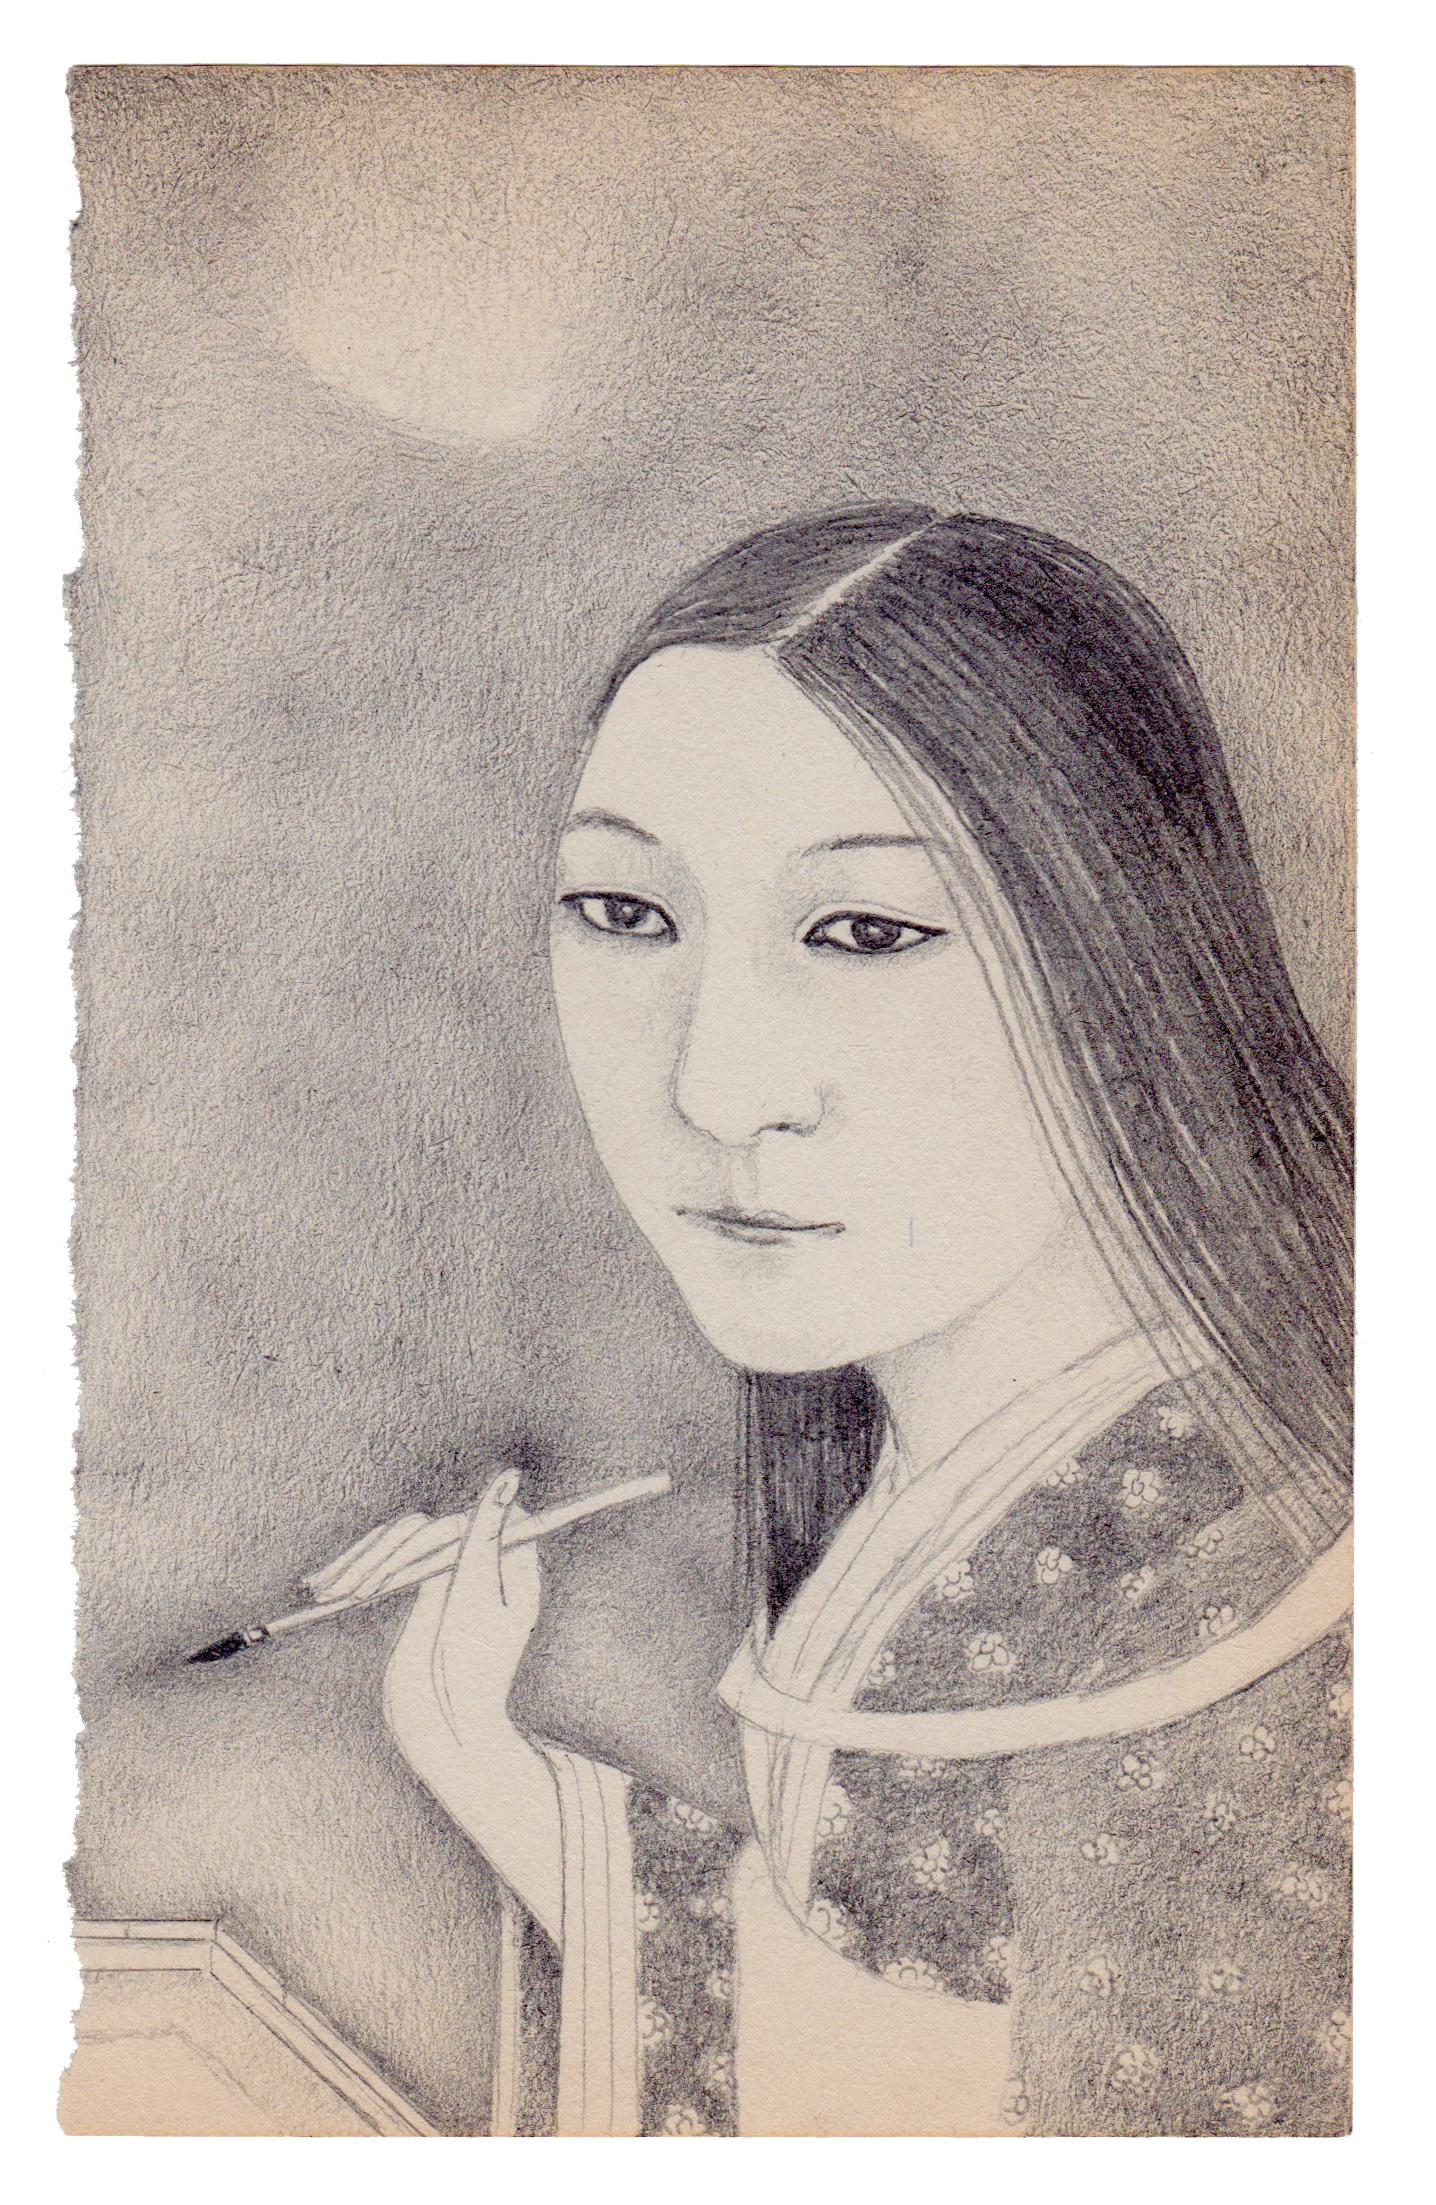 Murasaki Shikibu, G. M. Bermejo.